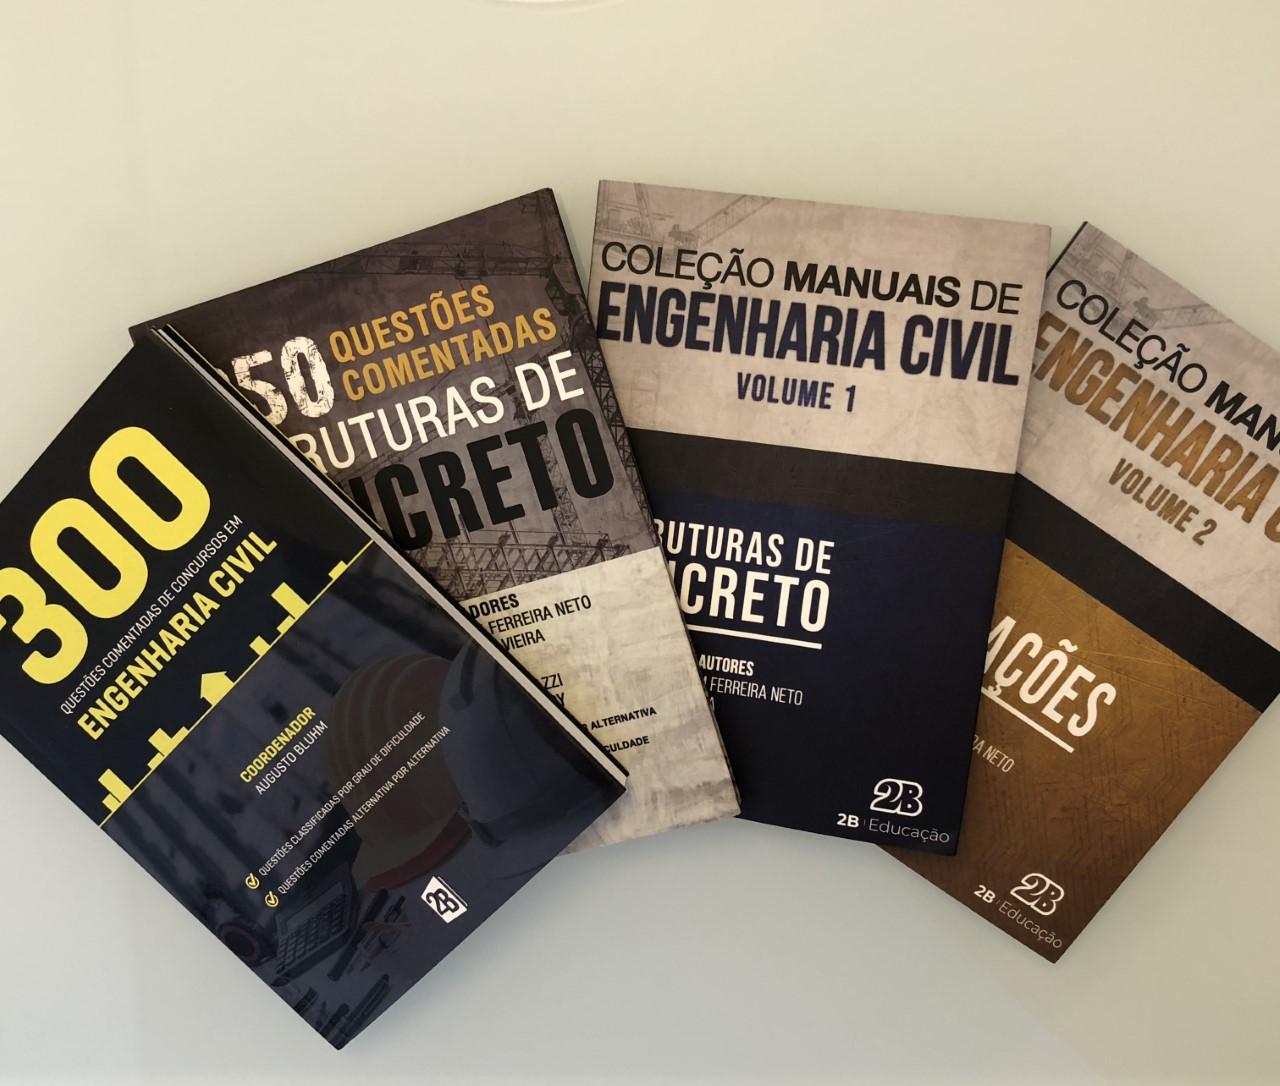 Livros de Engenharia Civil para Concursos - Editora 2b